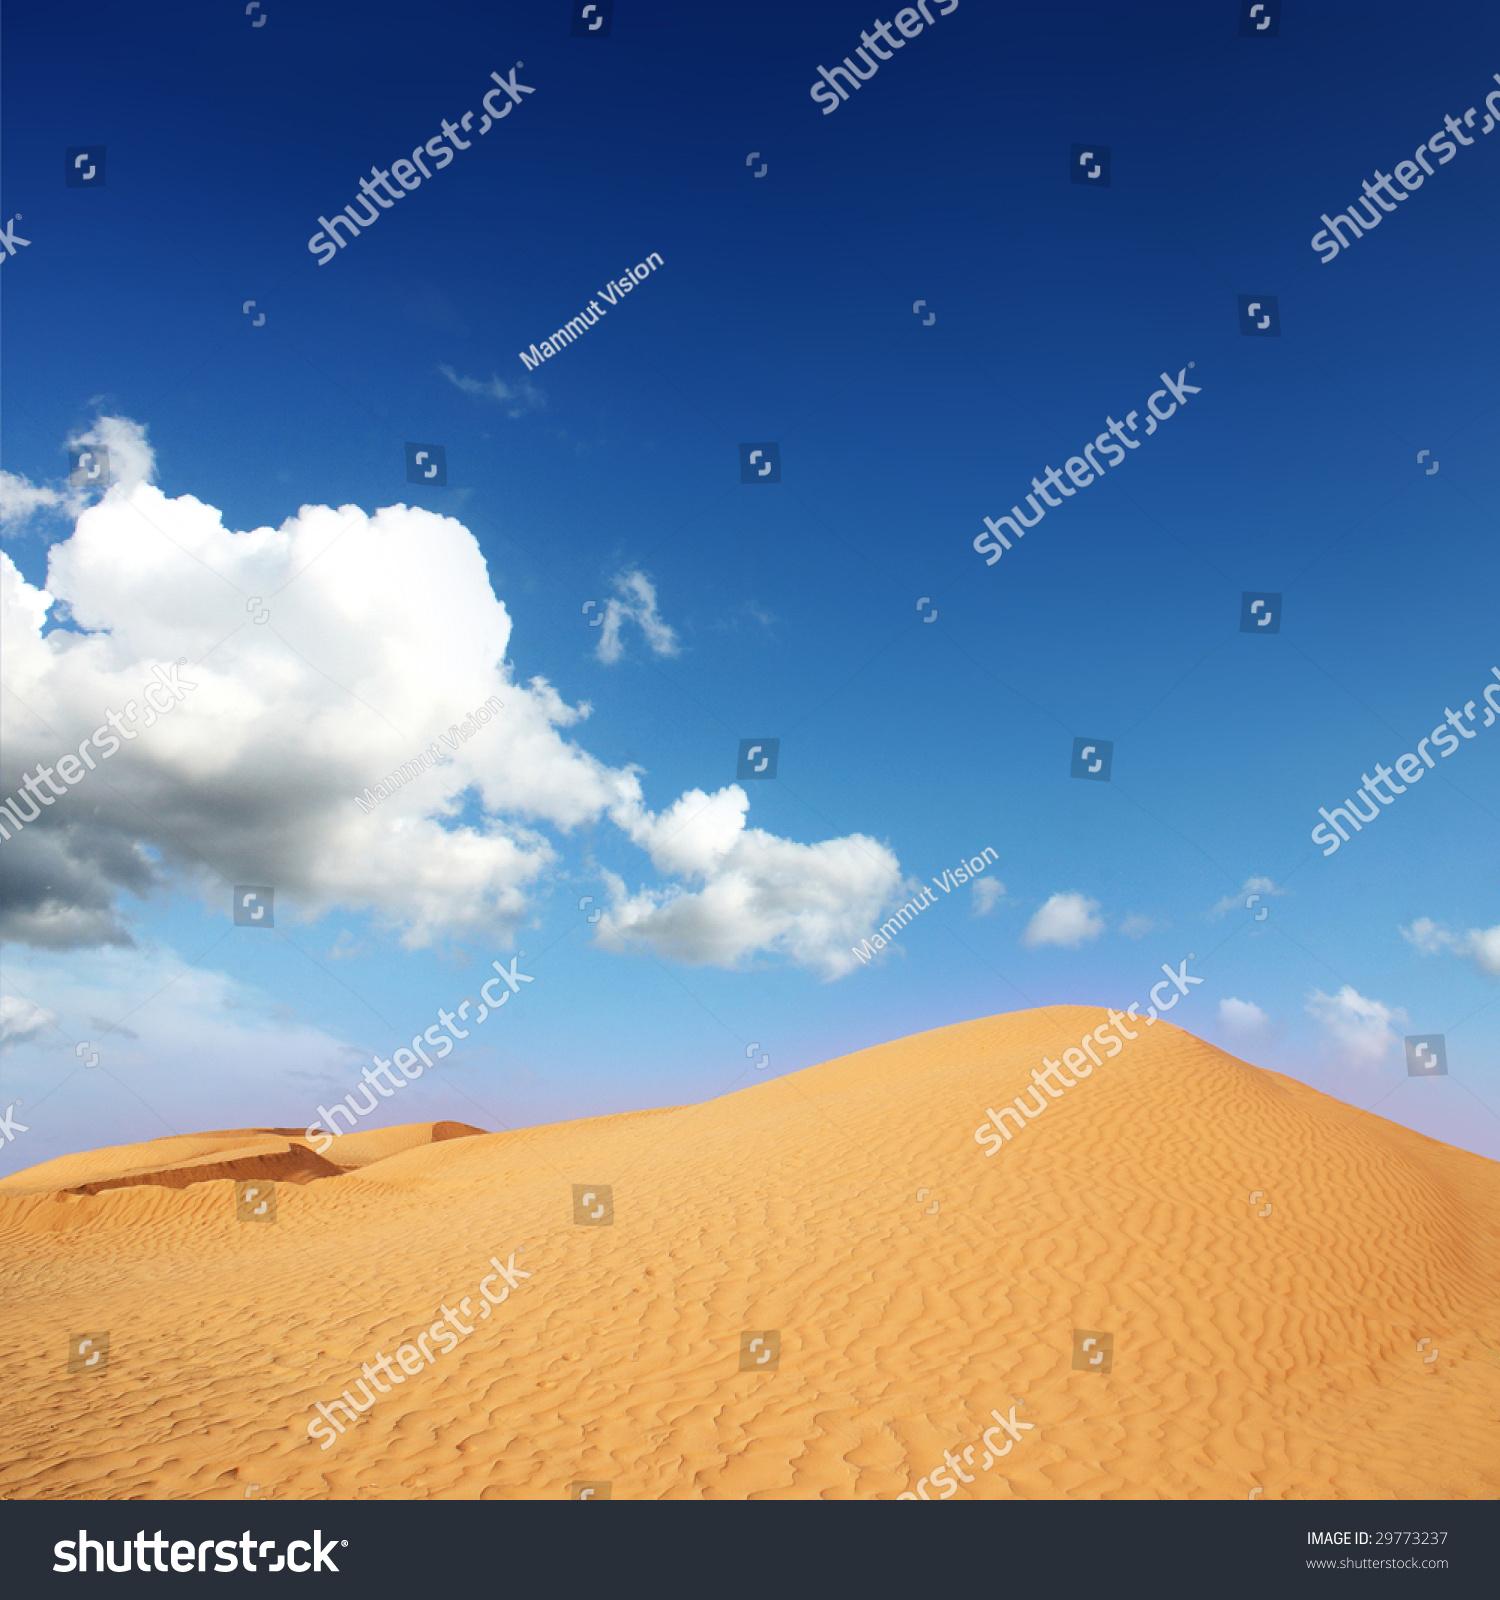 沙漠在蓝色的天空下-背景/素材